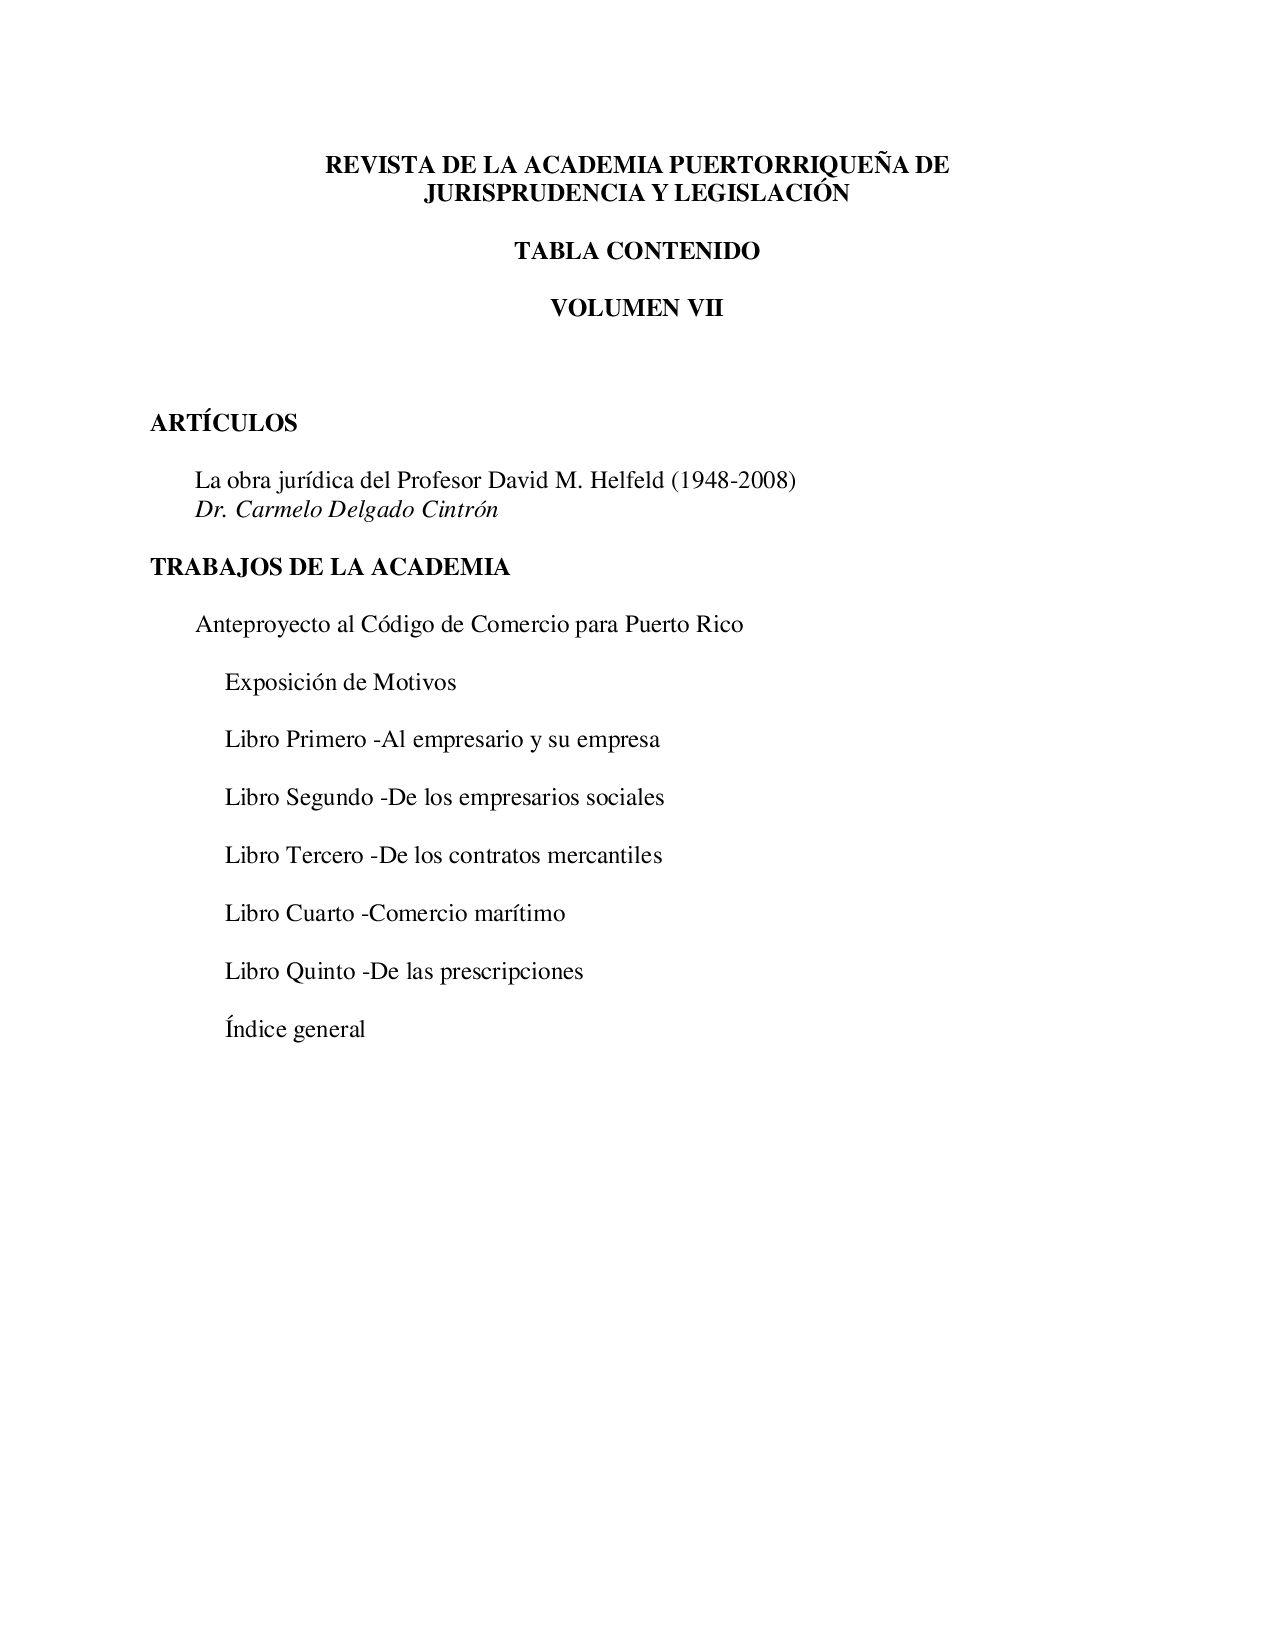 Revista Volumen VII by academiajurisprudenciapr.org - issuu